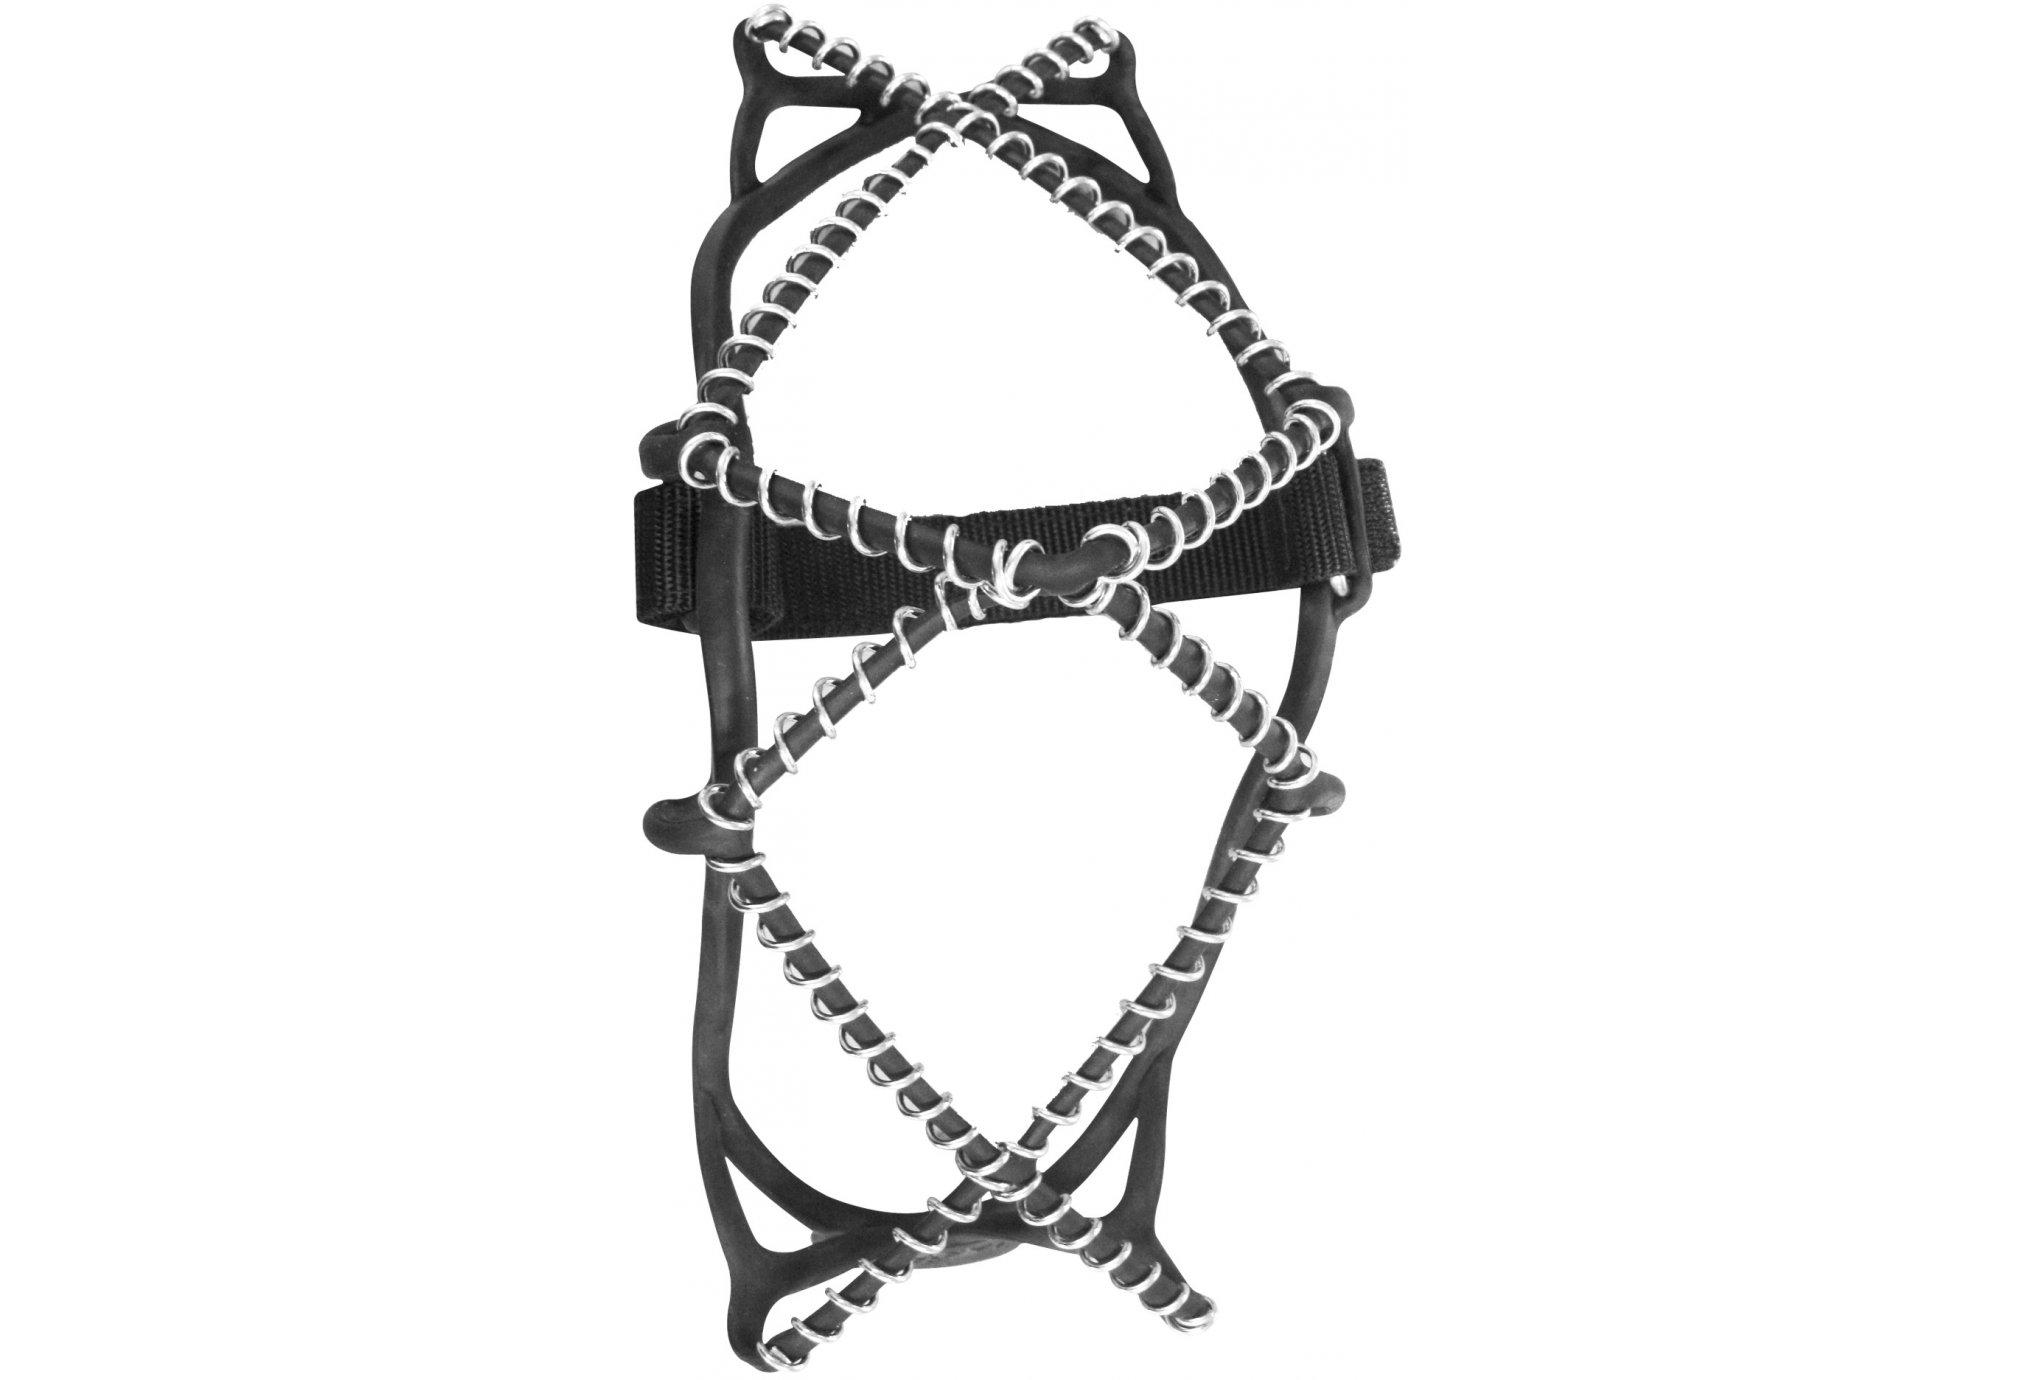 Raidlight Chaines Yaktrax Pro Lacets / guêtres / semelles